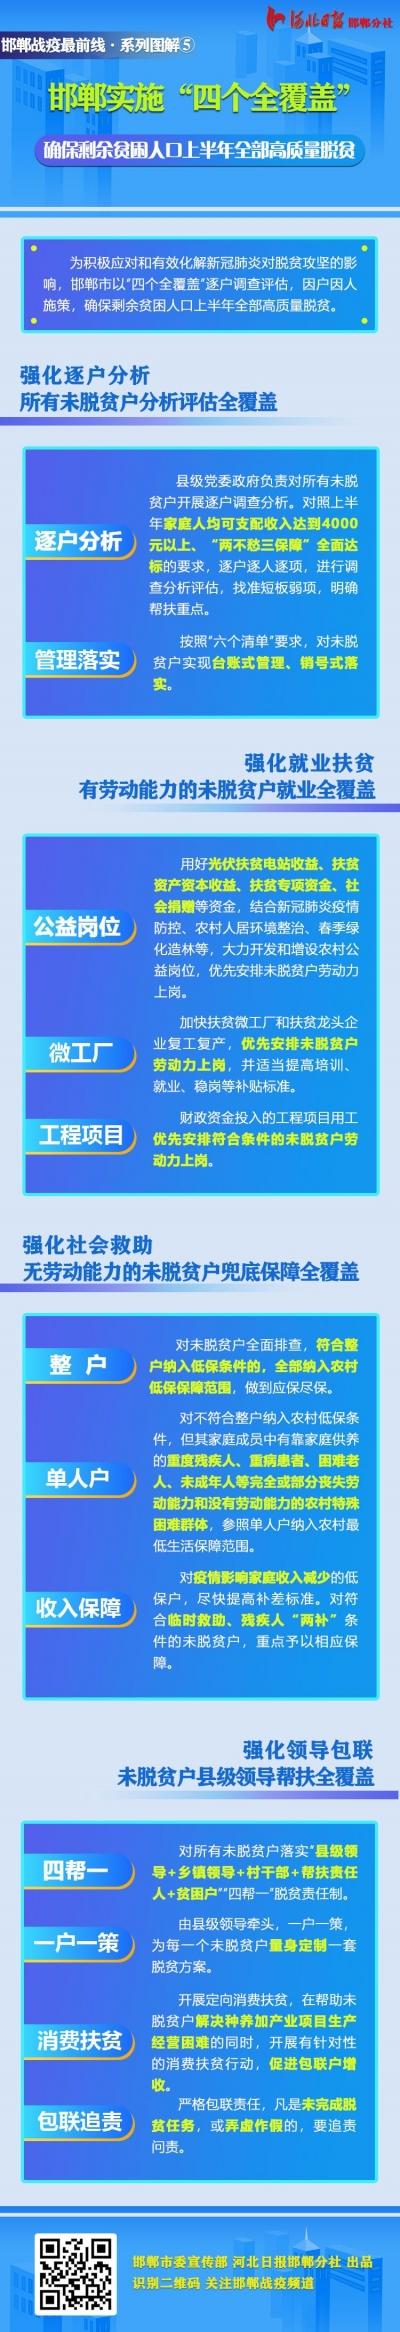 """图解   邯郸""""四个全覆盖""""确保剩余贫困人口上半年全部高质量脱贫"""